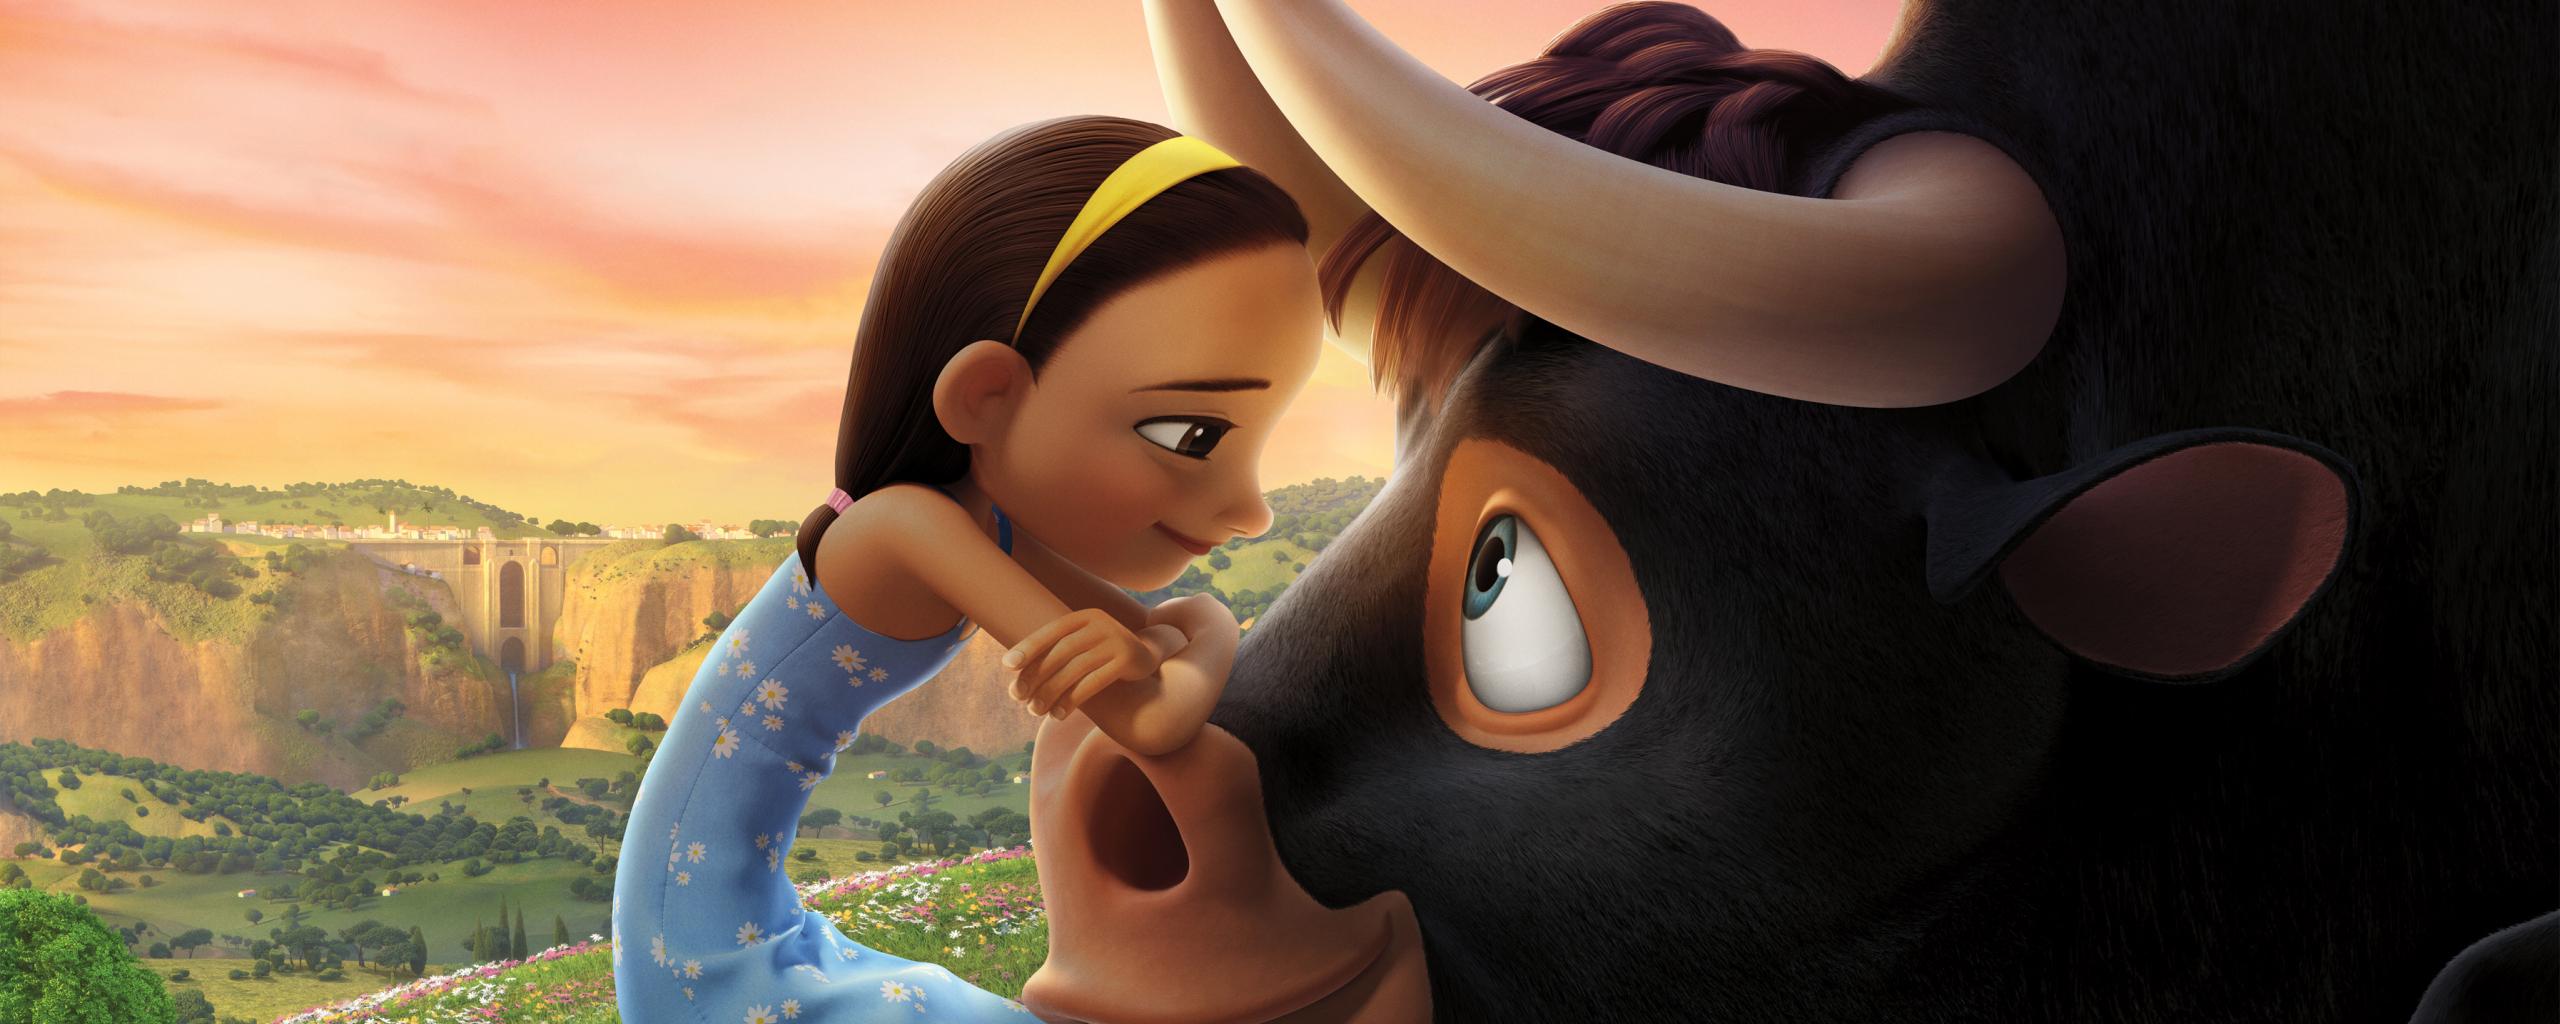 Download Ferdinand Movie Still 2560x1024 Resolution HD 4K Wallpaper